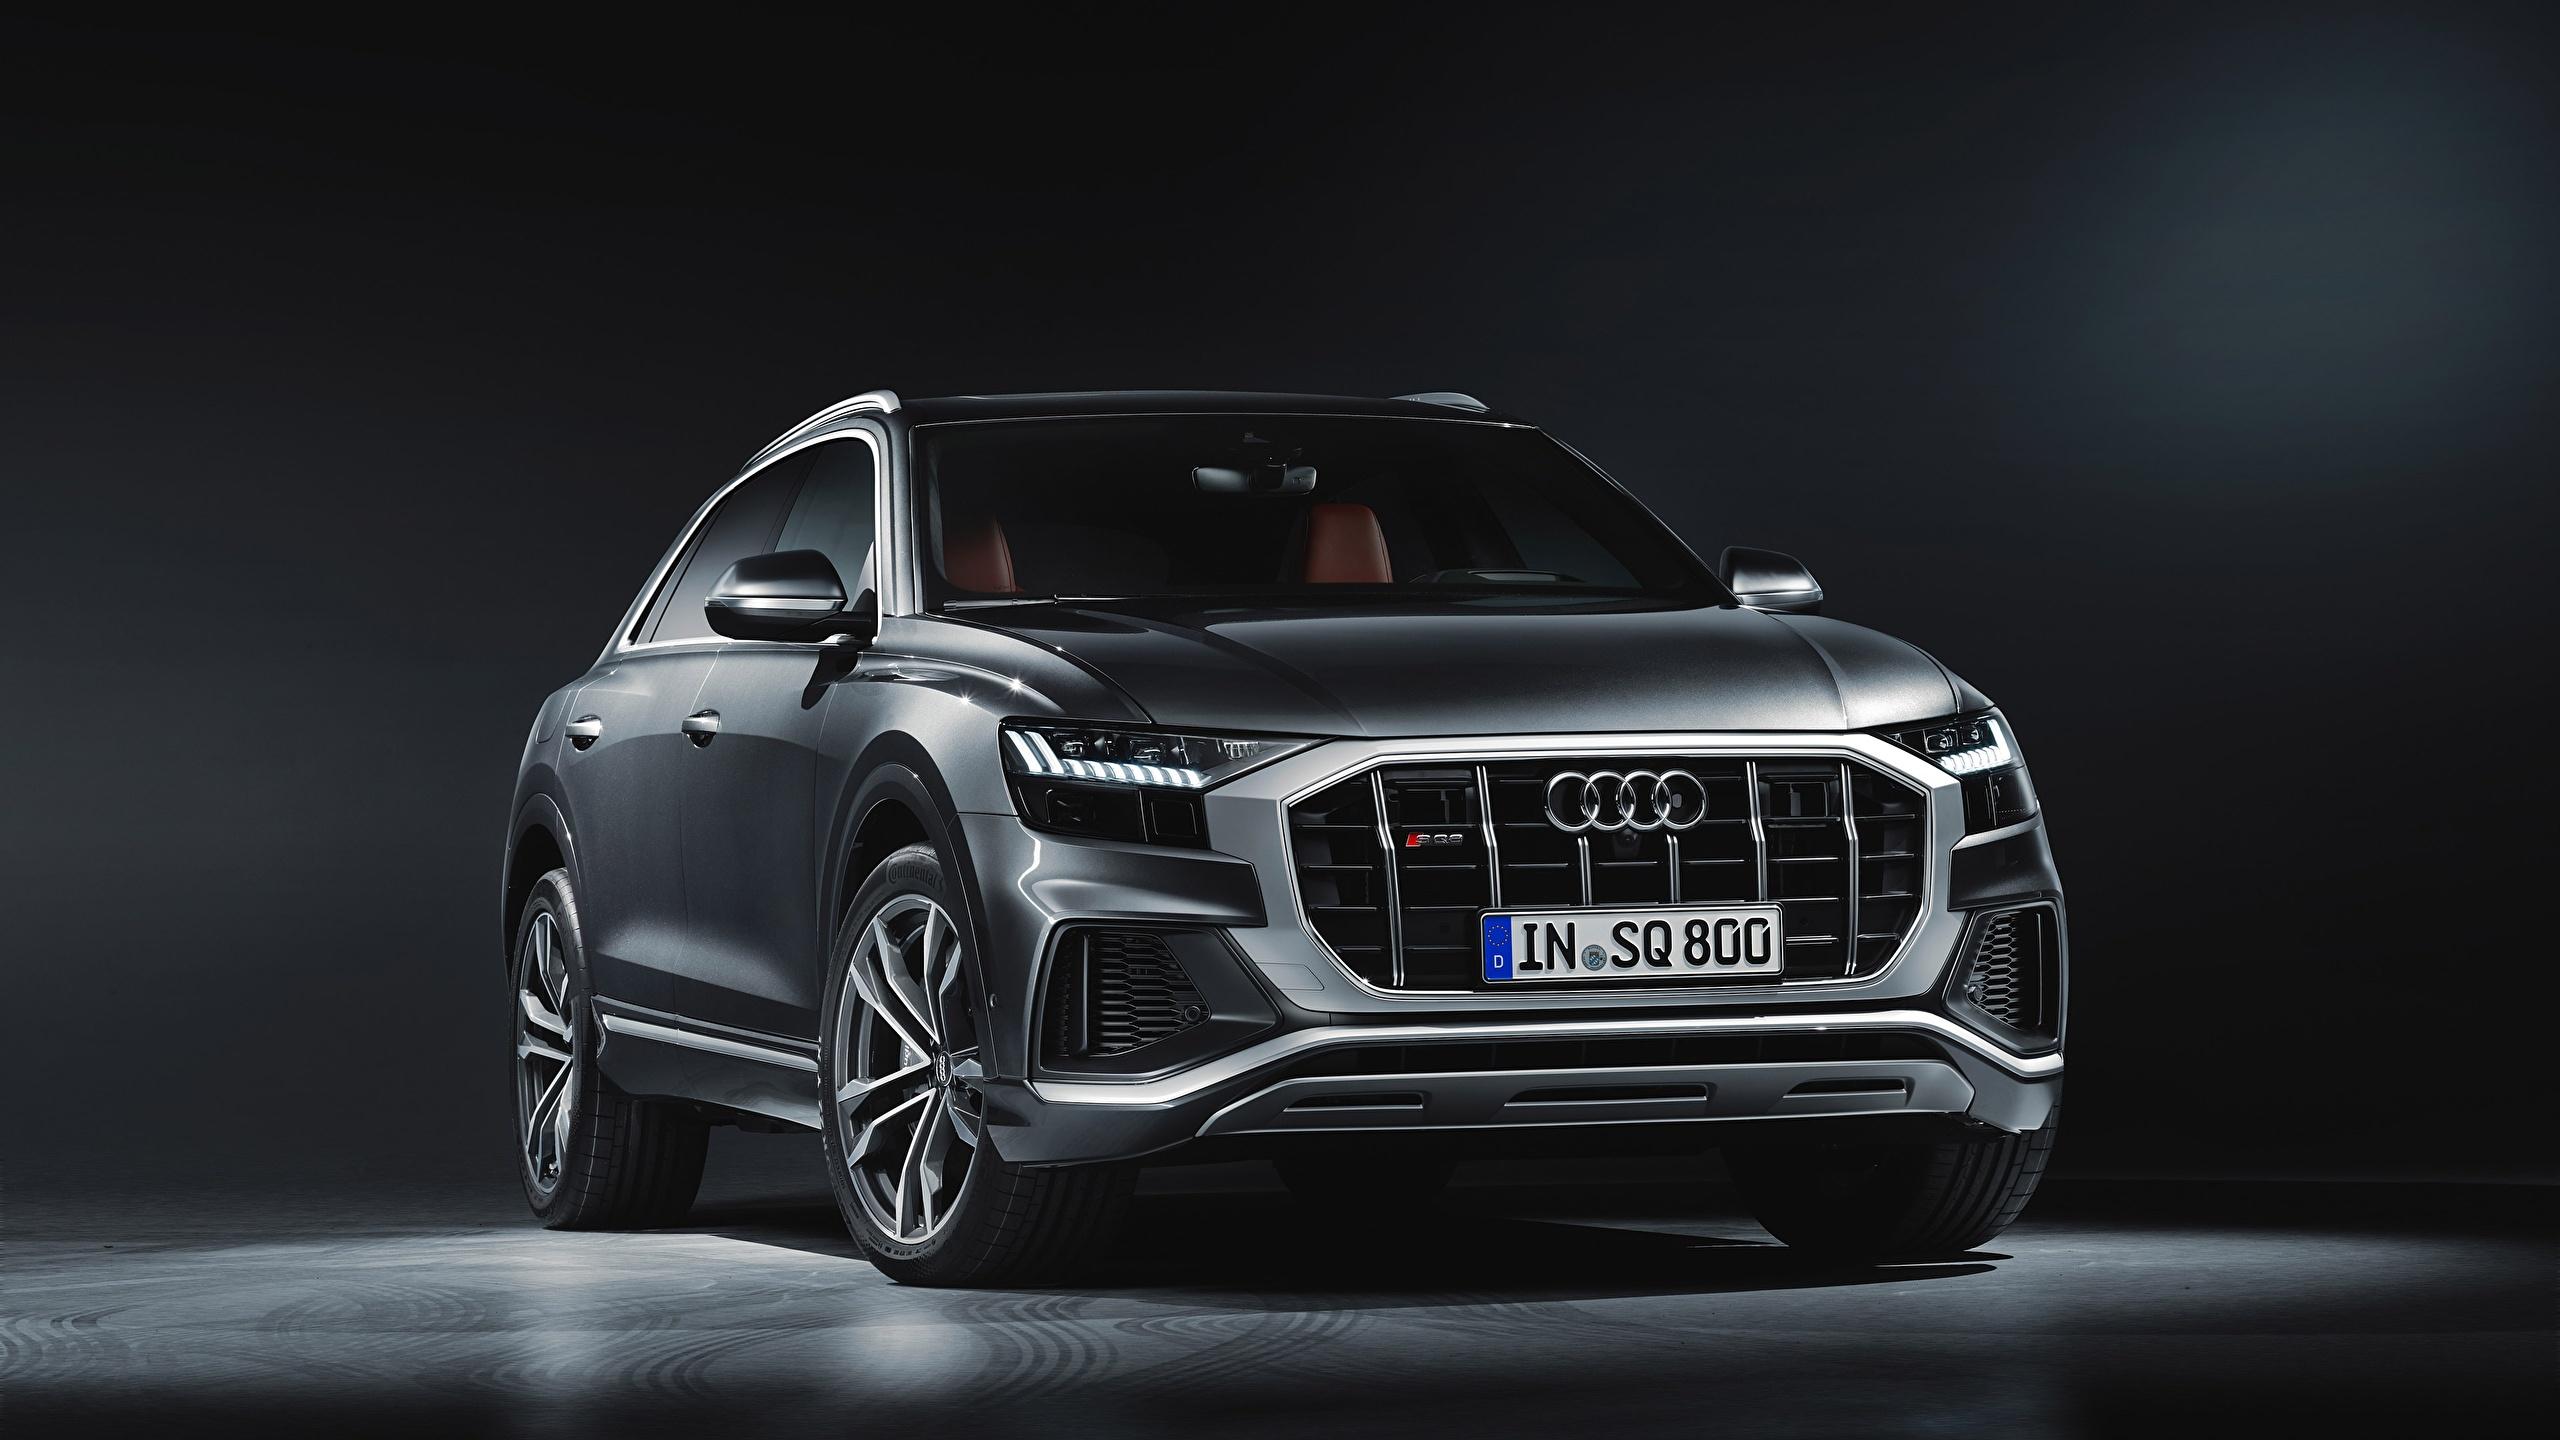 Picture Audi sq8 2020 gray auto 2560x1440 Grey Cars automobile